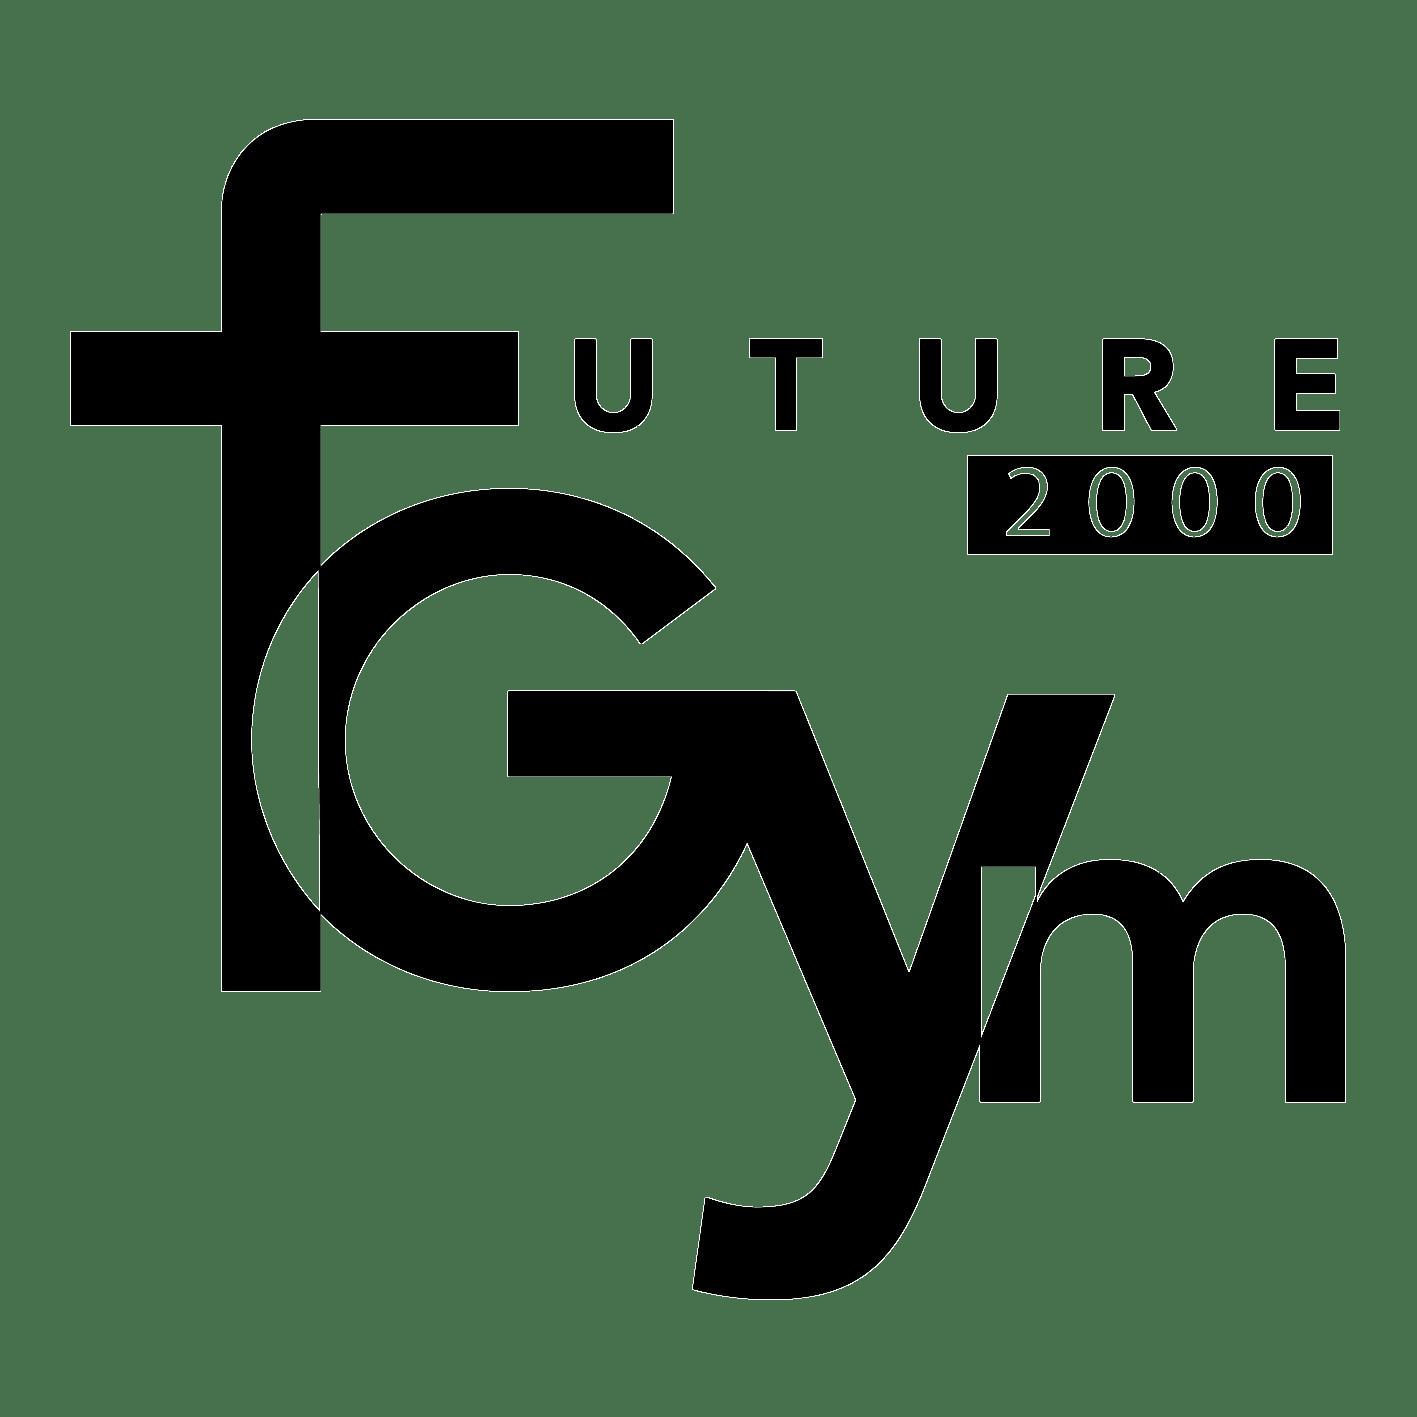 Futuregym 2000